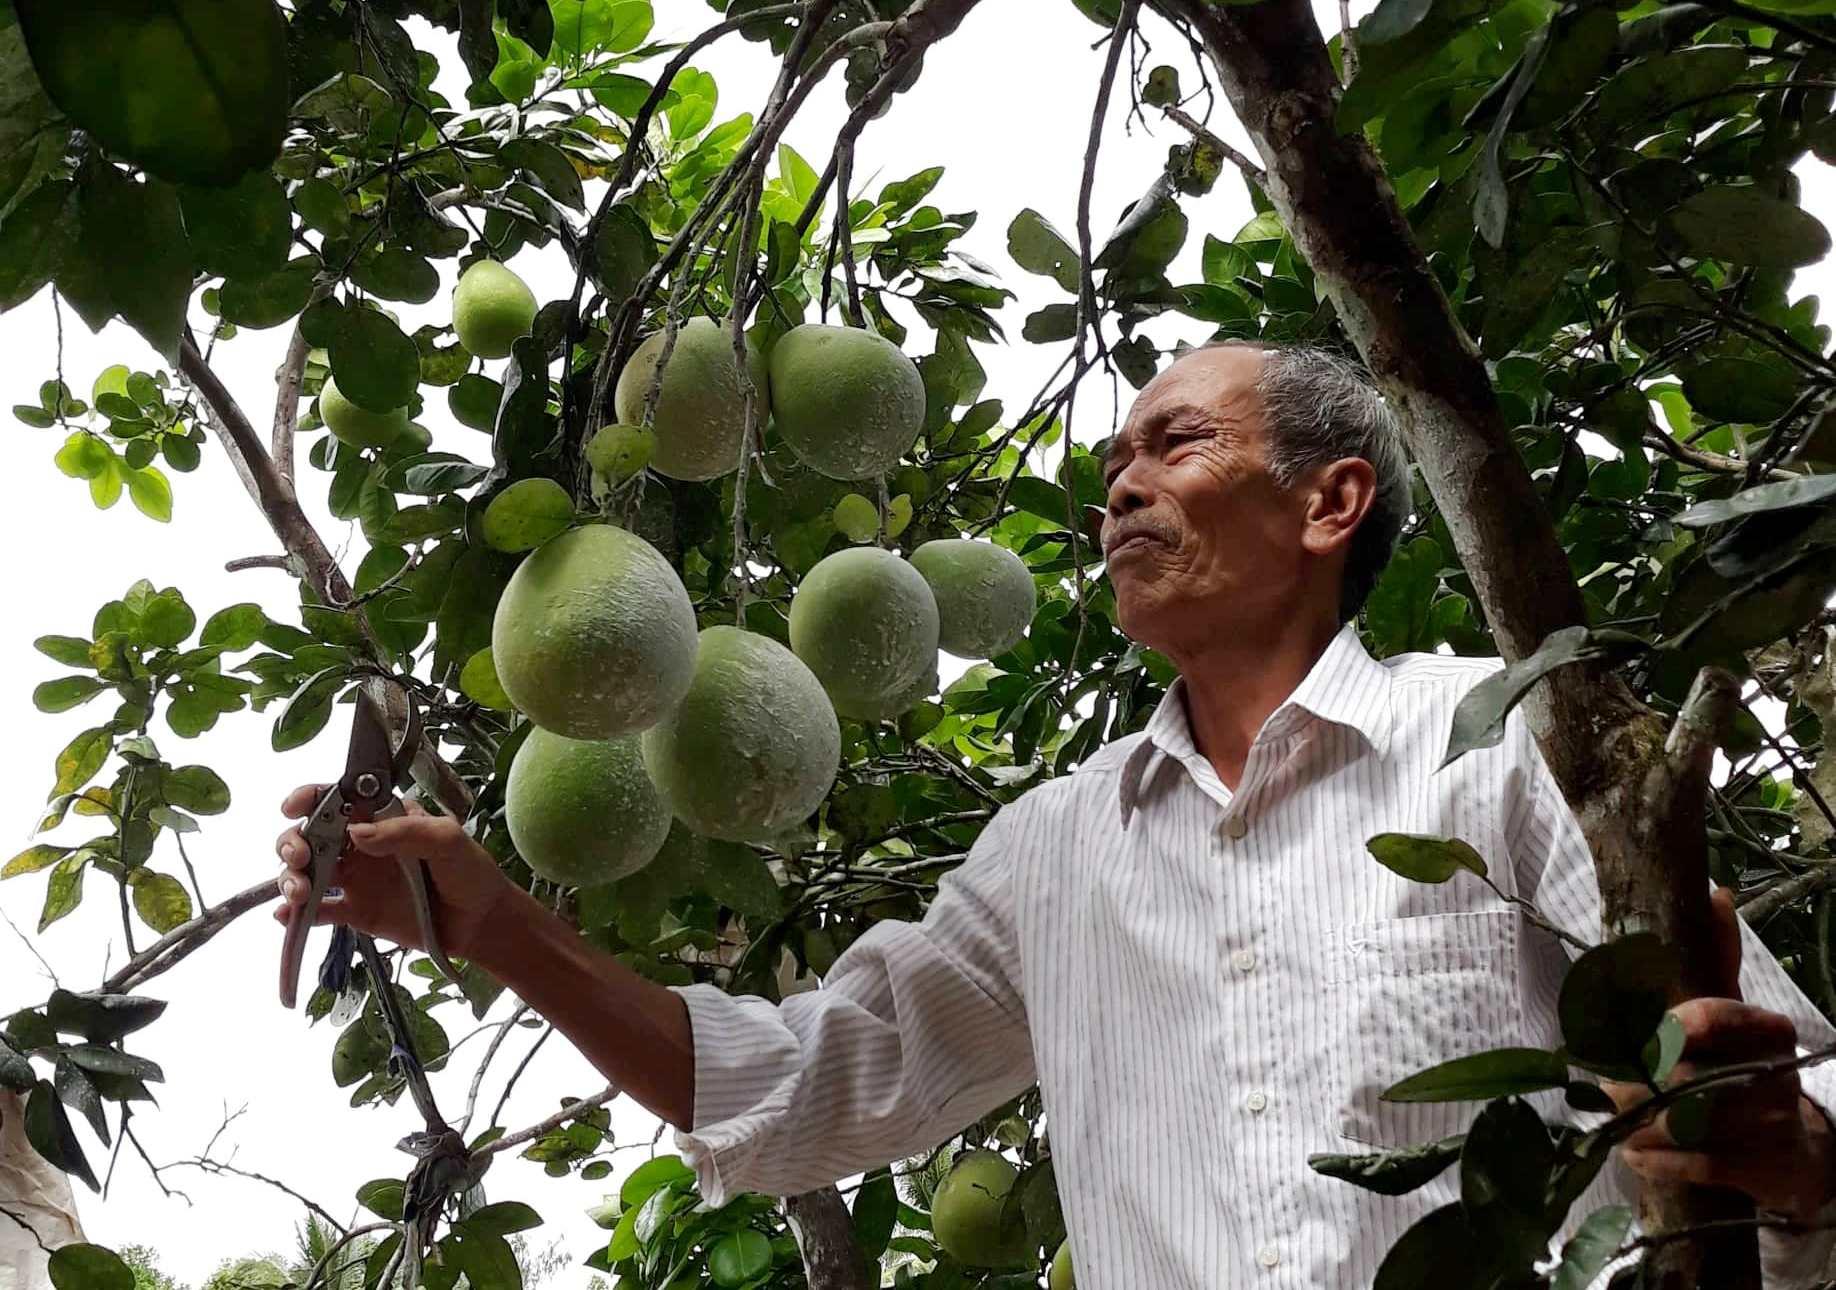 Thanh trà, loại trái cây đặc sản ở Lộc Yên, luôn đầy sức cám dỗ bởi vị ngọt the rất riêng. Ảnh: B.A